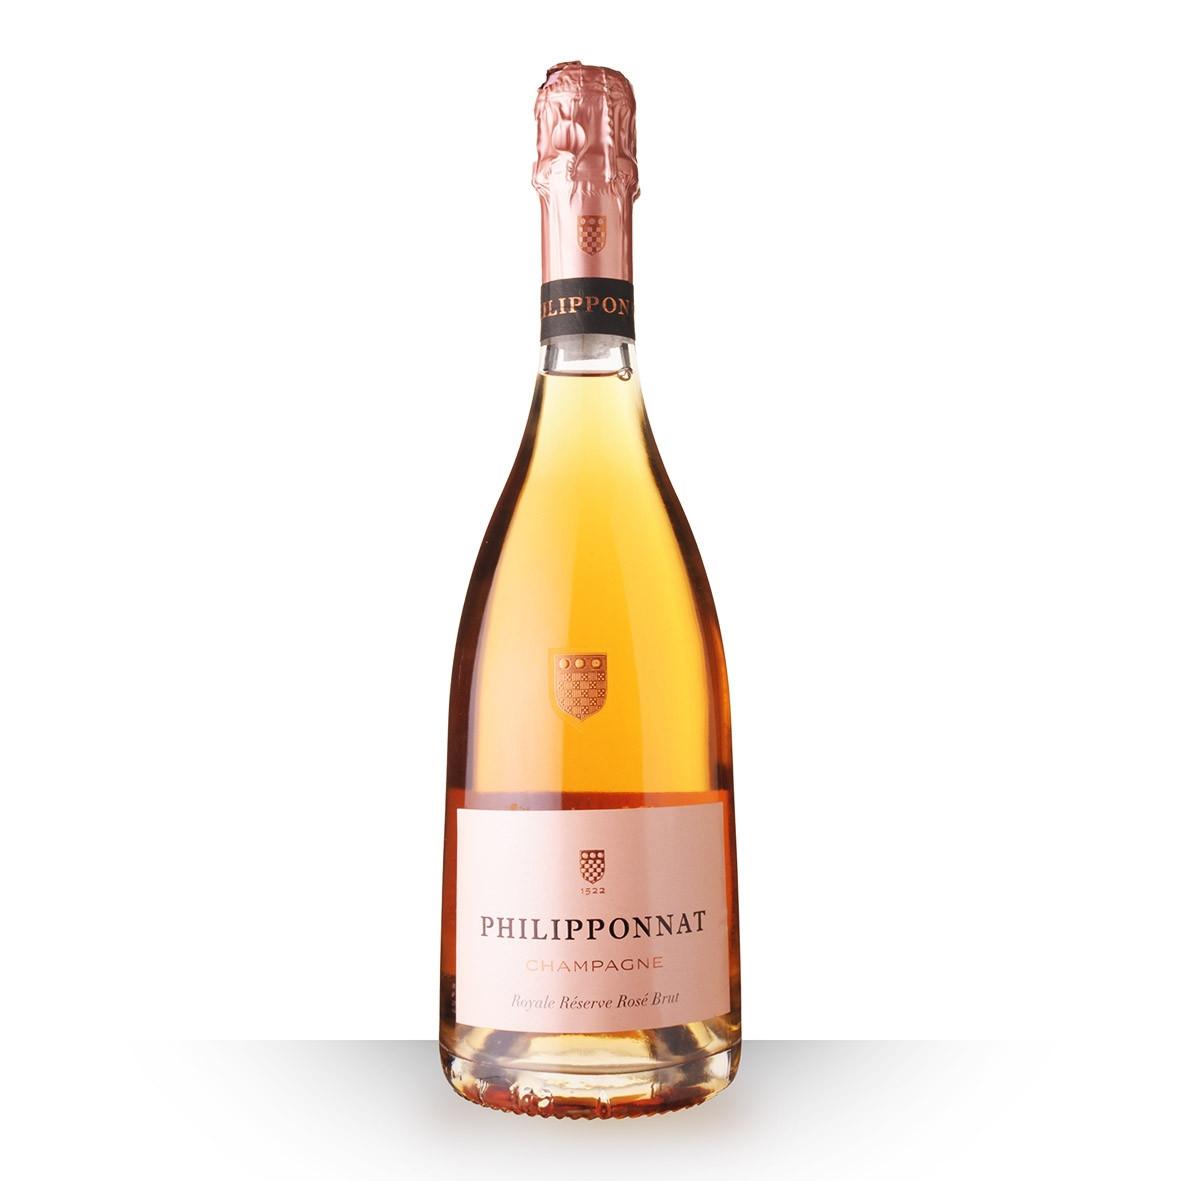 Champagne Philipponnat Royale Réserve Rosé 75cl www.odyssee-vins.com